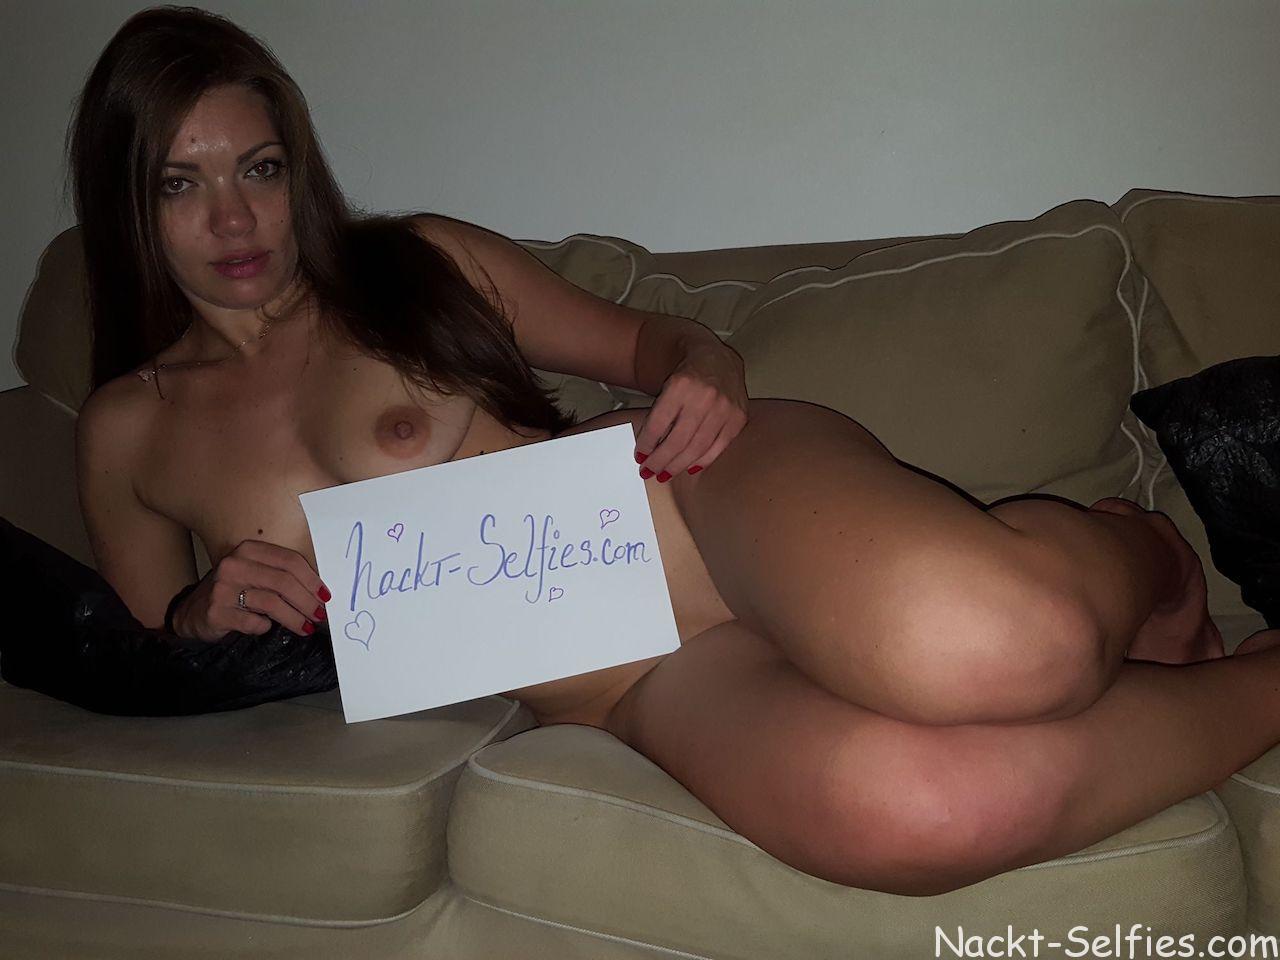 Ganz private Nacktfotos Kristin